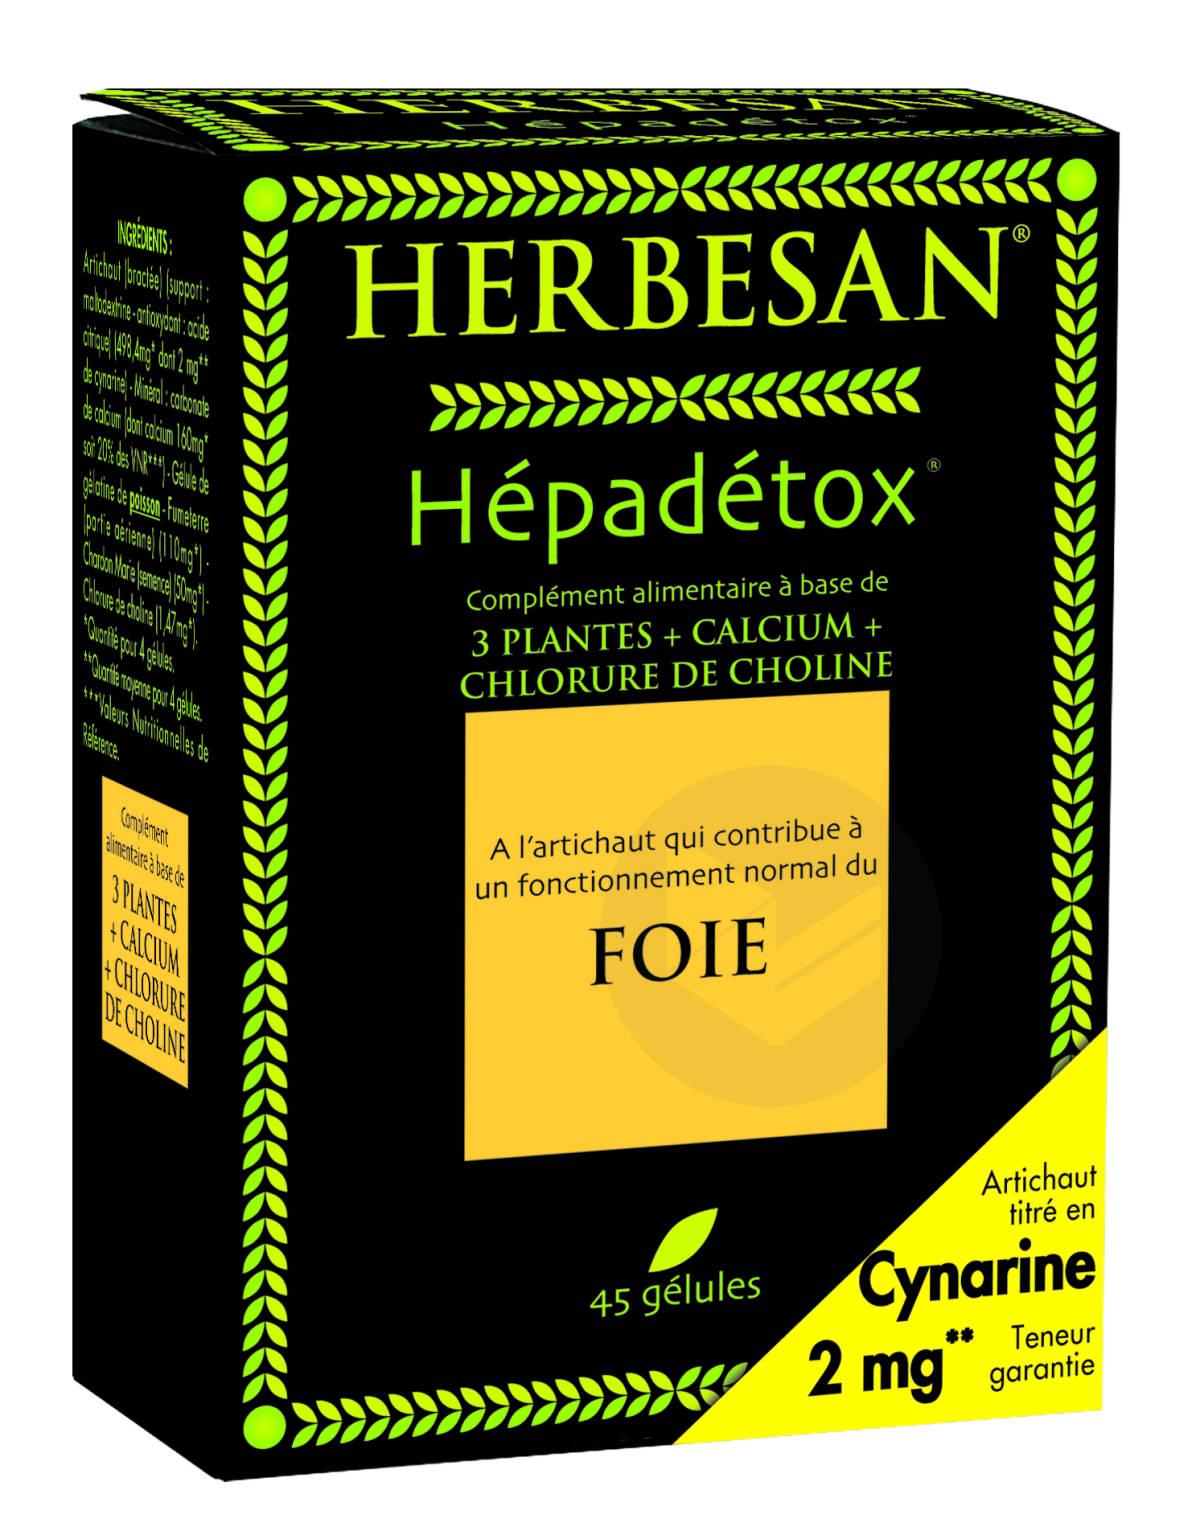 Hepadetox 45 gélules